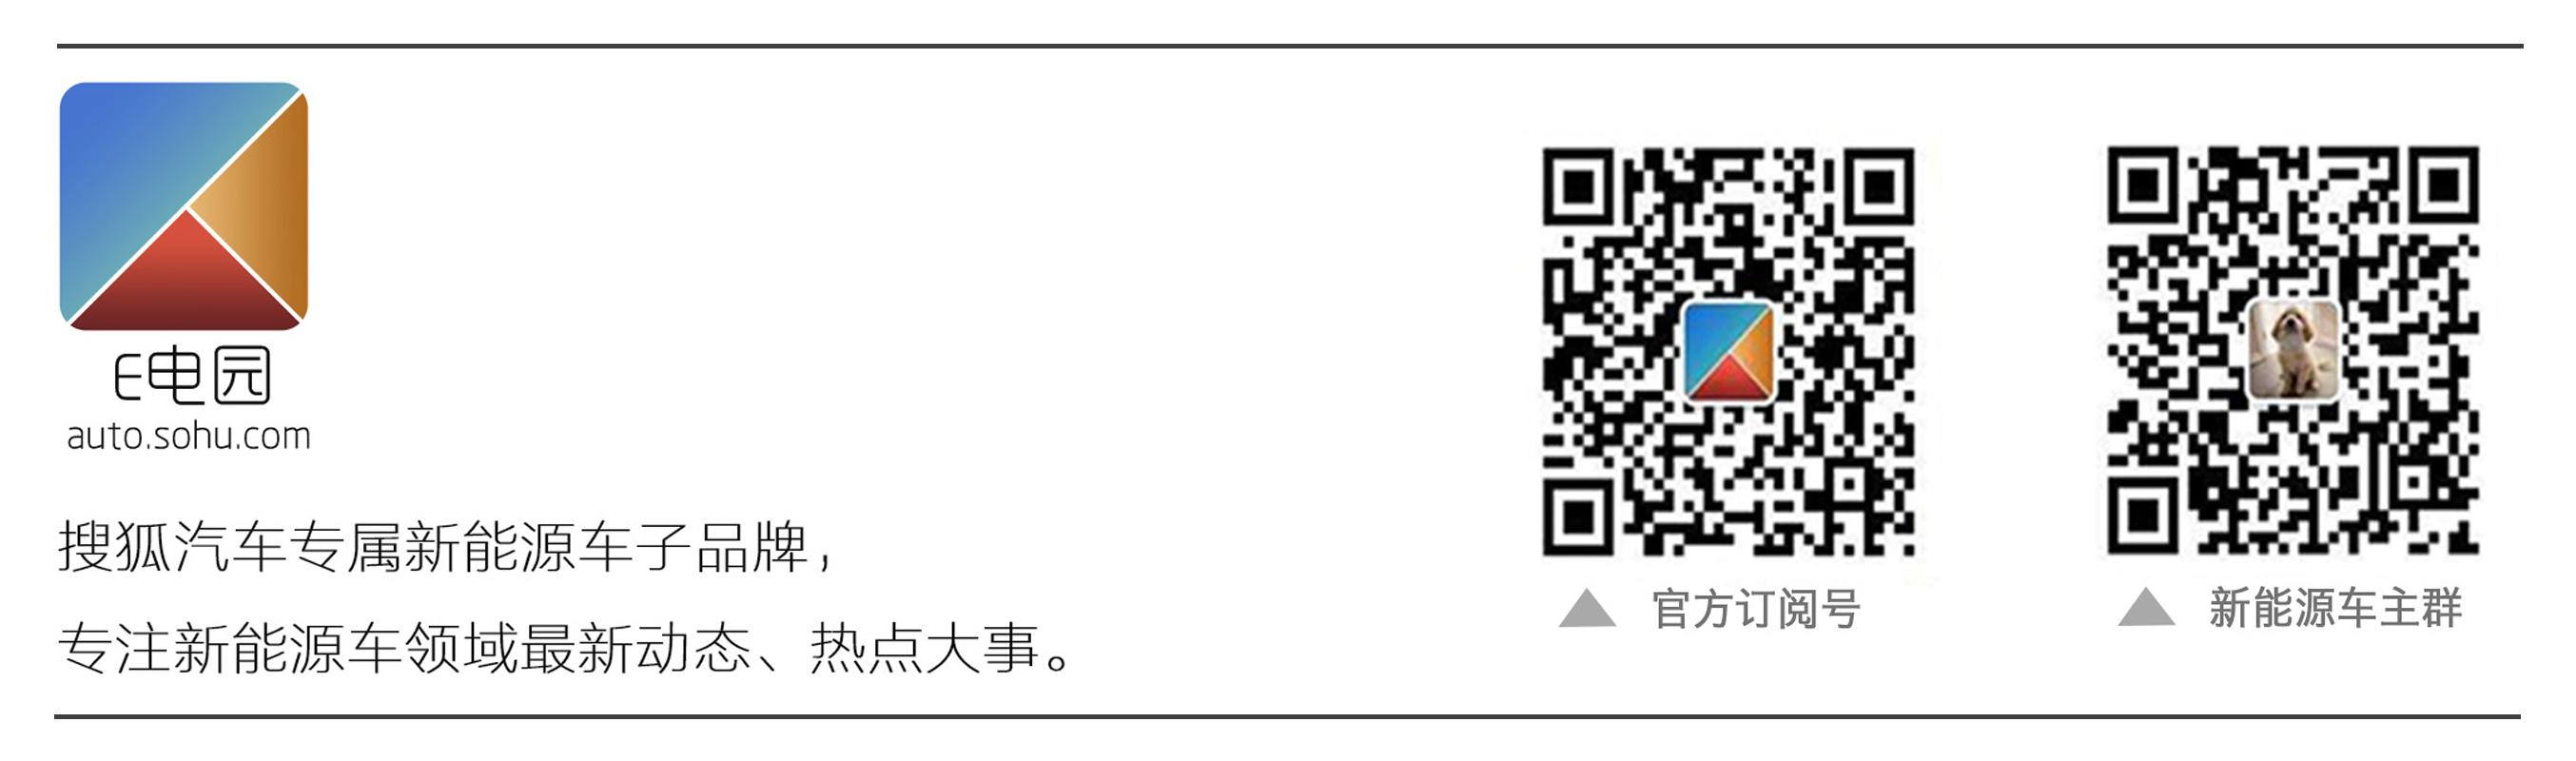 拉菲平台登陆-首页【1.1.4】